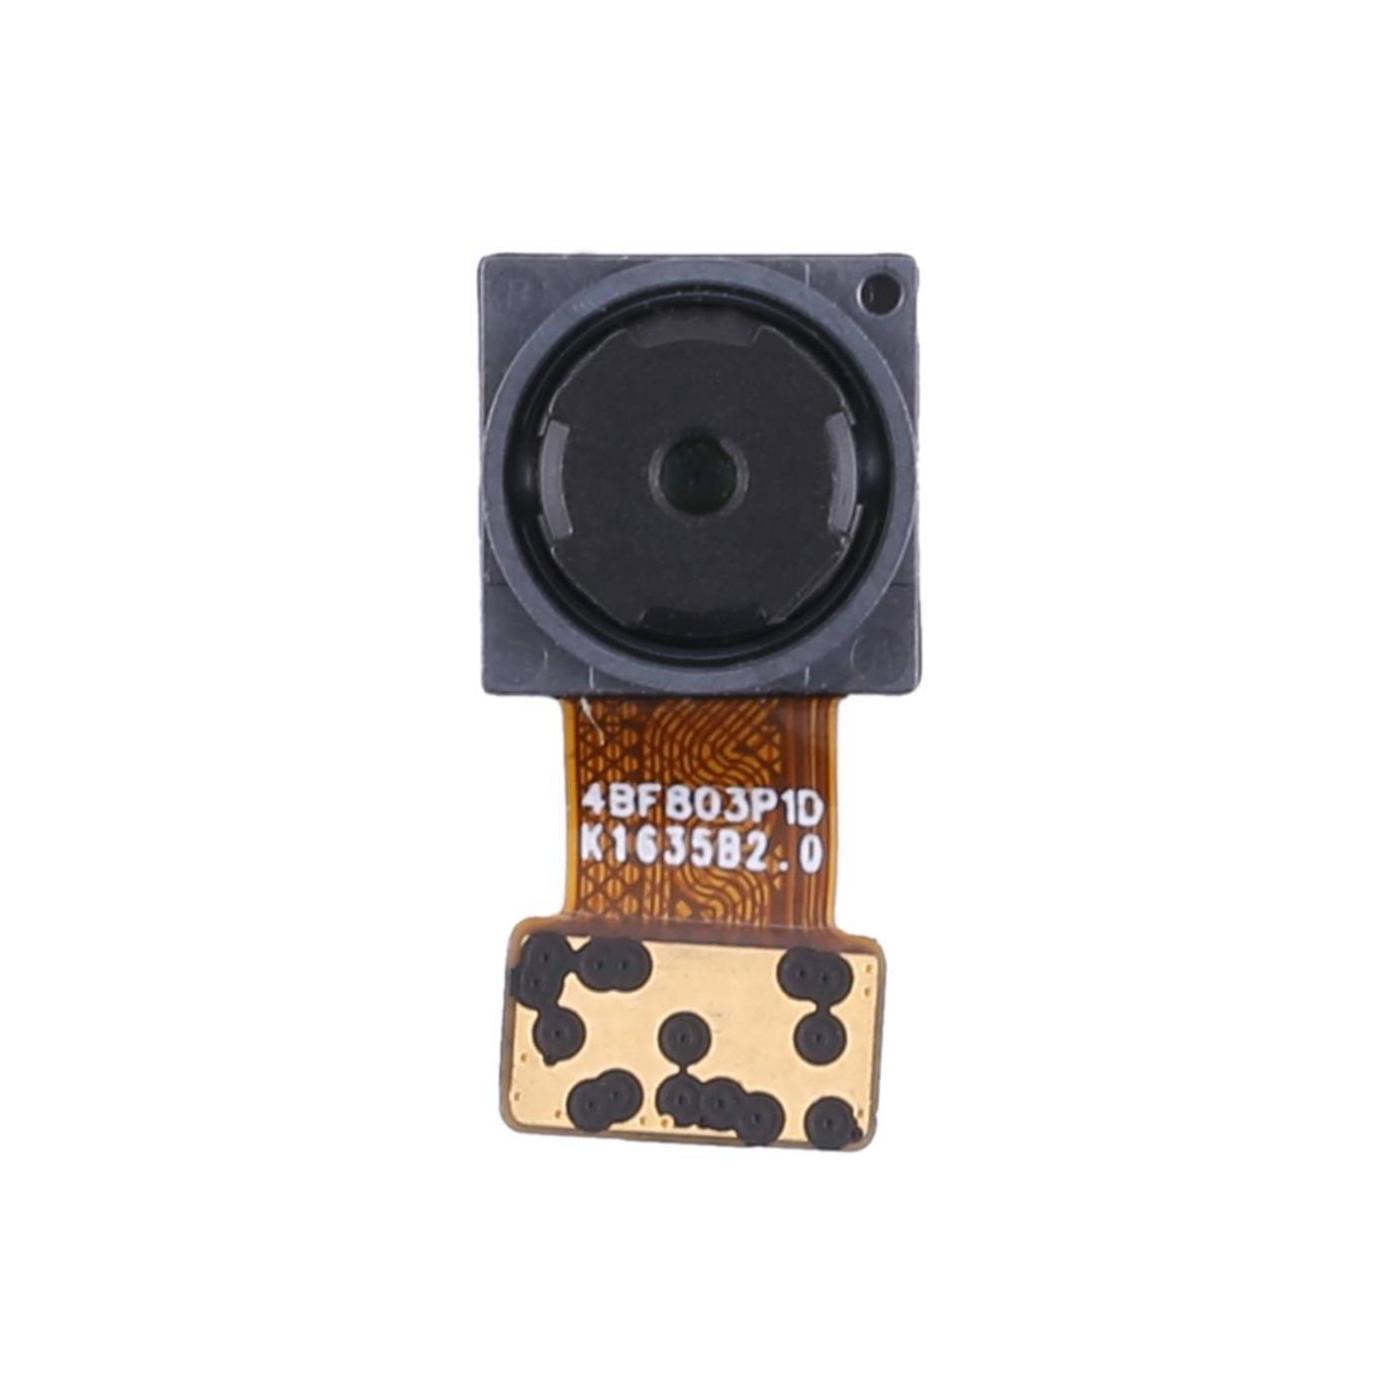 cámara delantera de reemplazo de la cámara para Huawei mate S